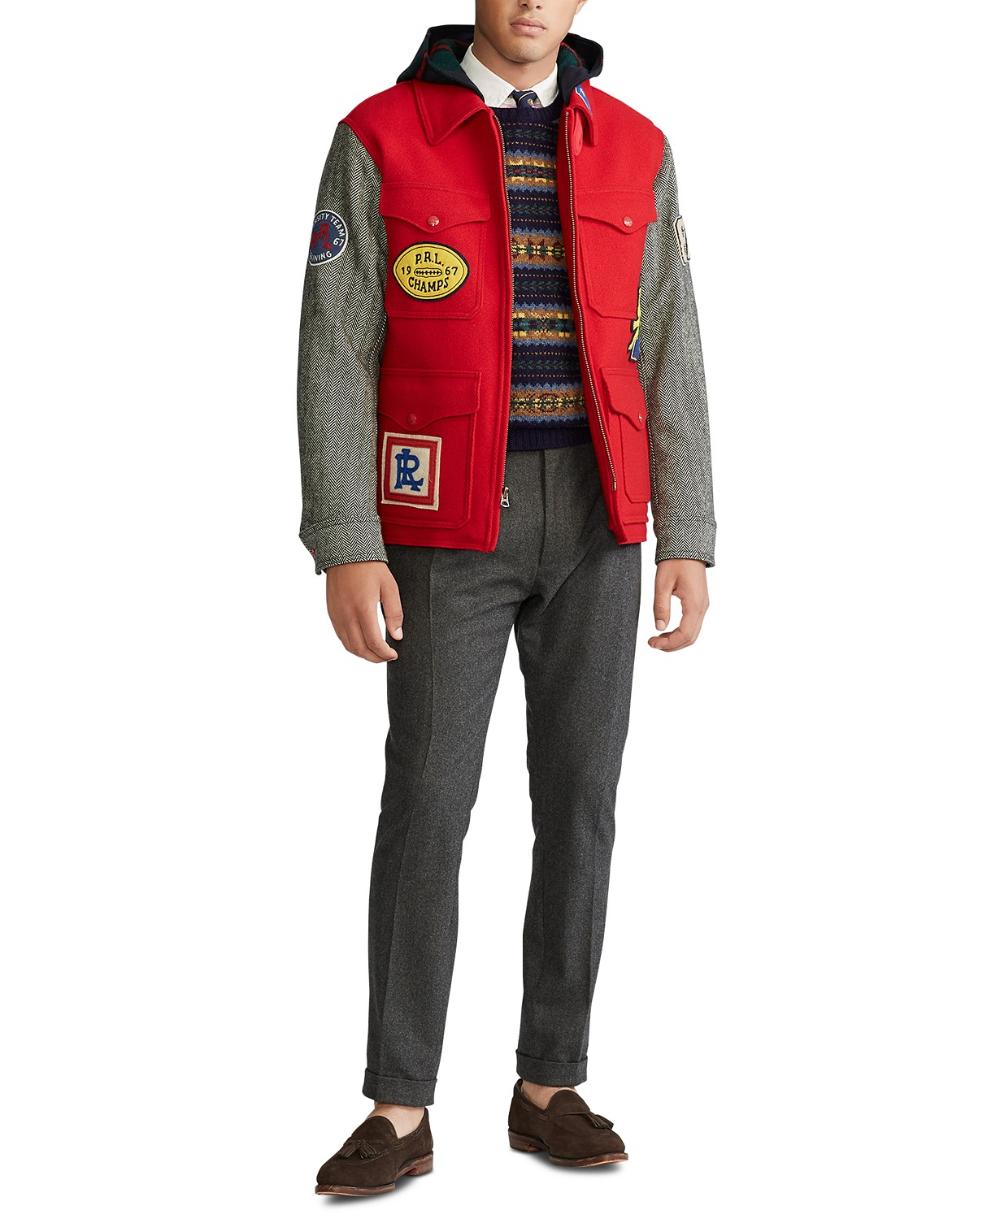 Polo Ralph Lauren Men S Brushed Wool Jacket Reviews Coats Jackets Men Macy S Polo Ralph Lauren Mens Mens Jackets Jackets [ 1219 x 1000 Pixel ]